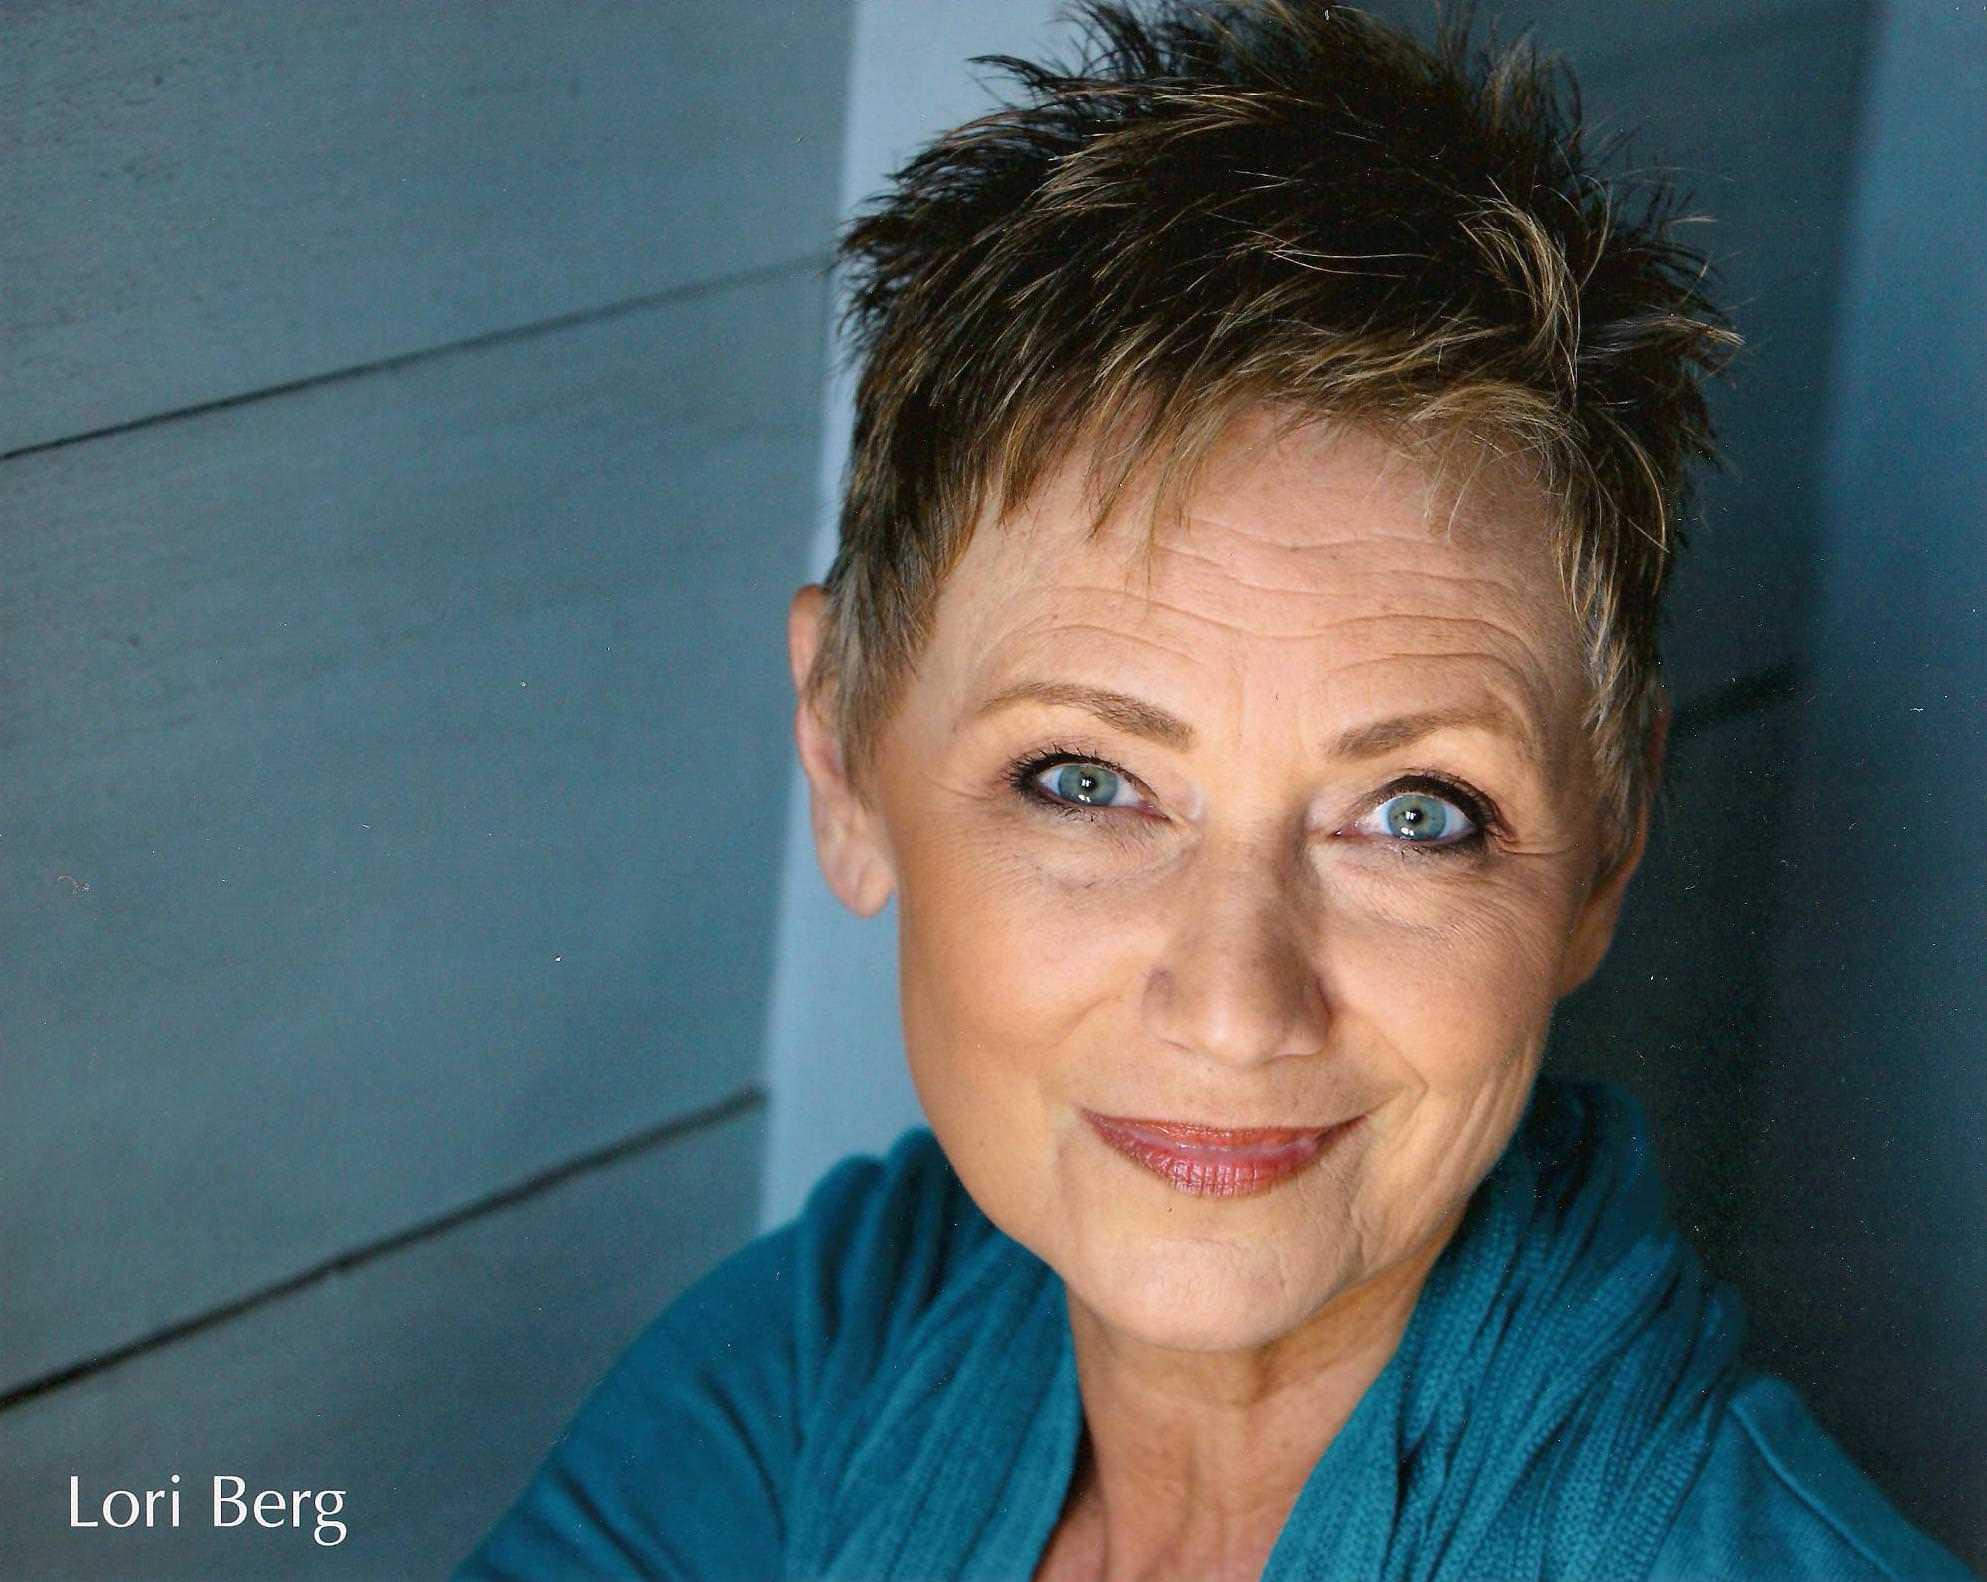 Lori Berg